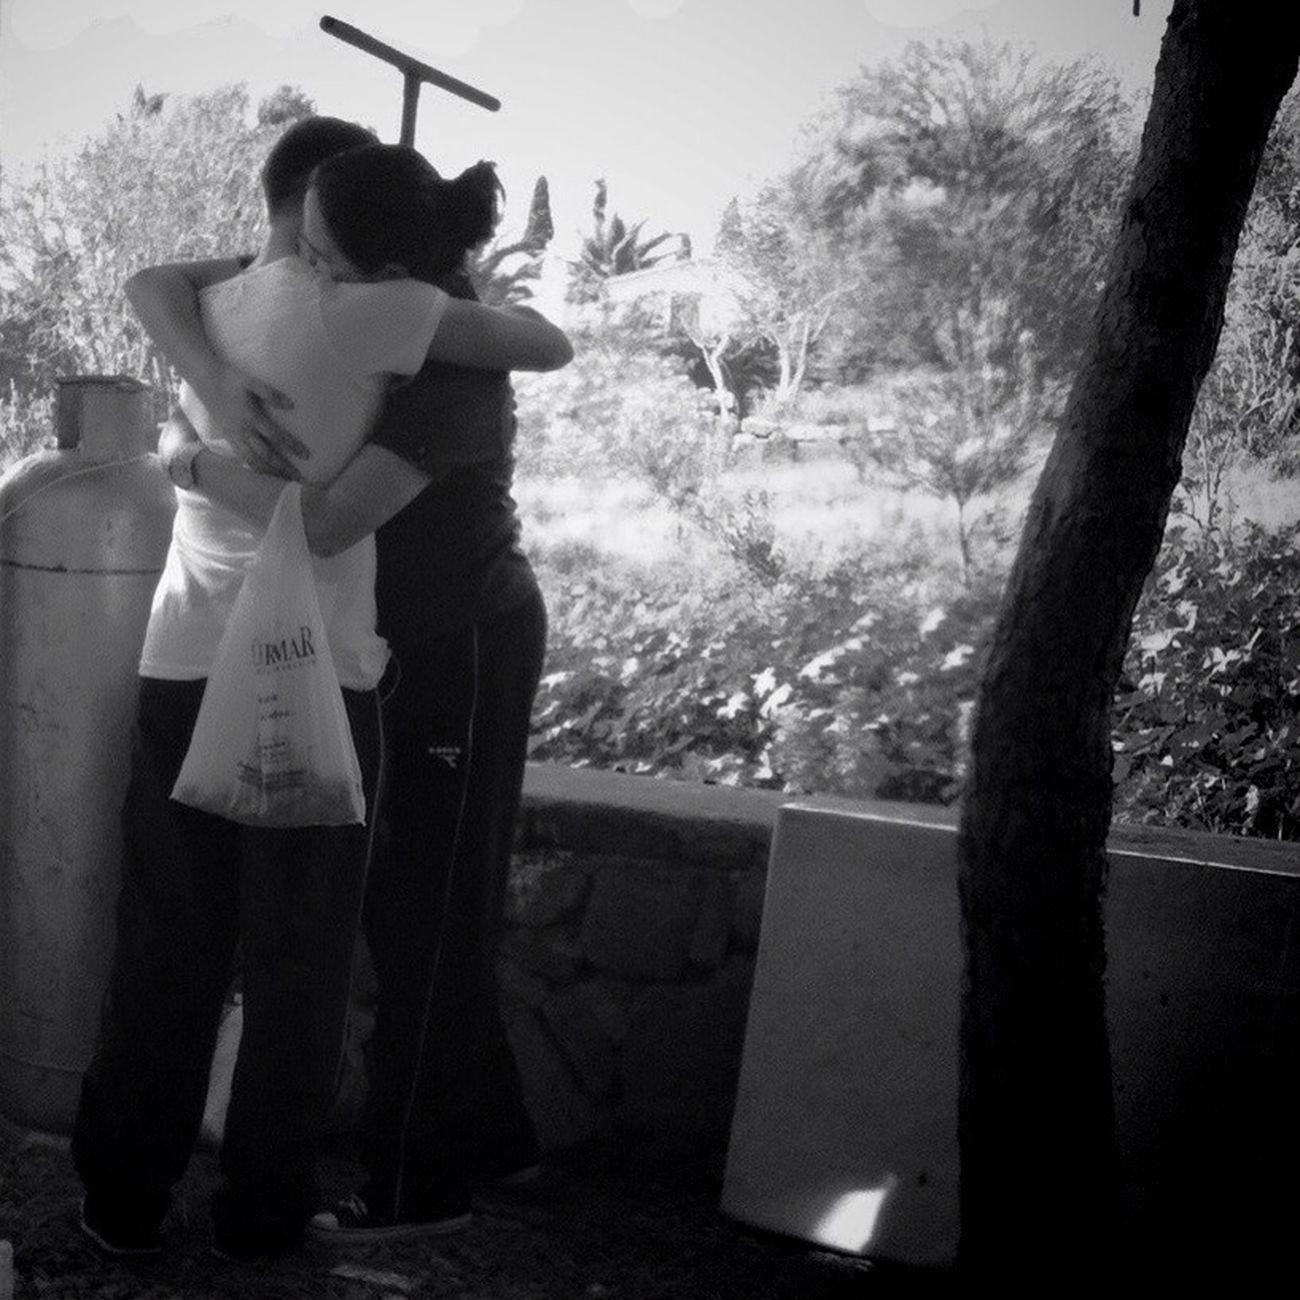 A Real Hug